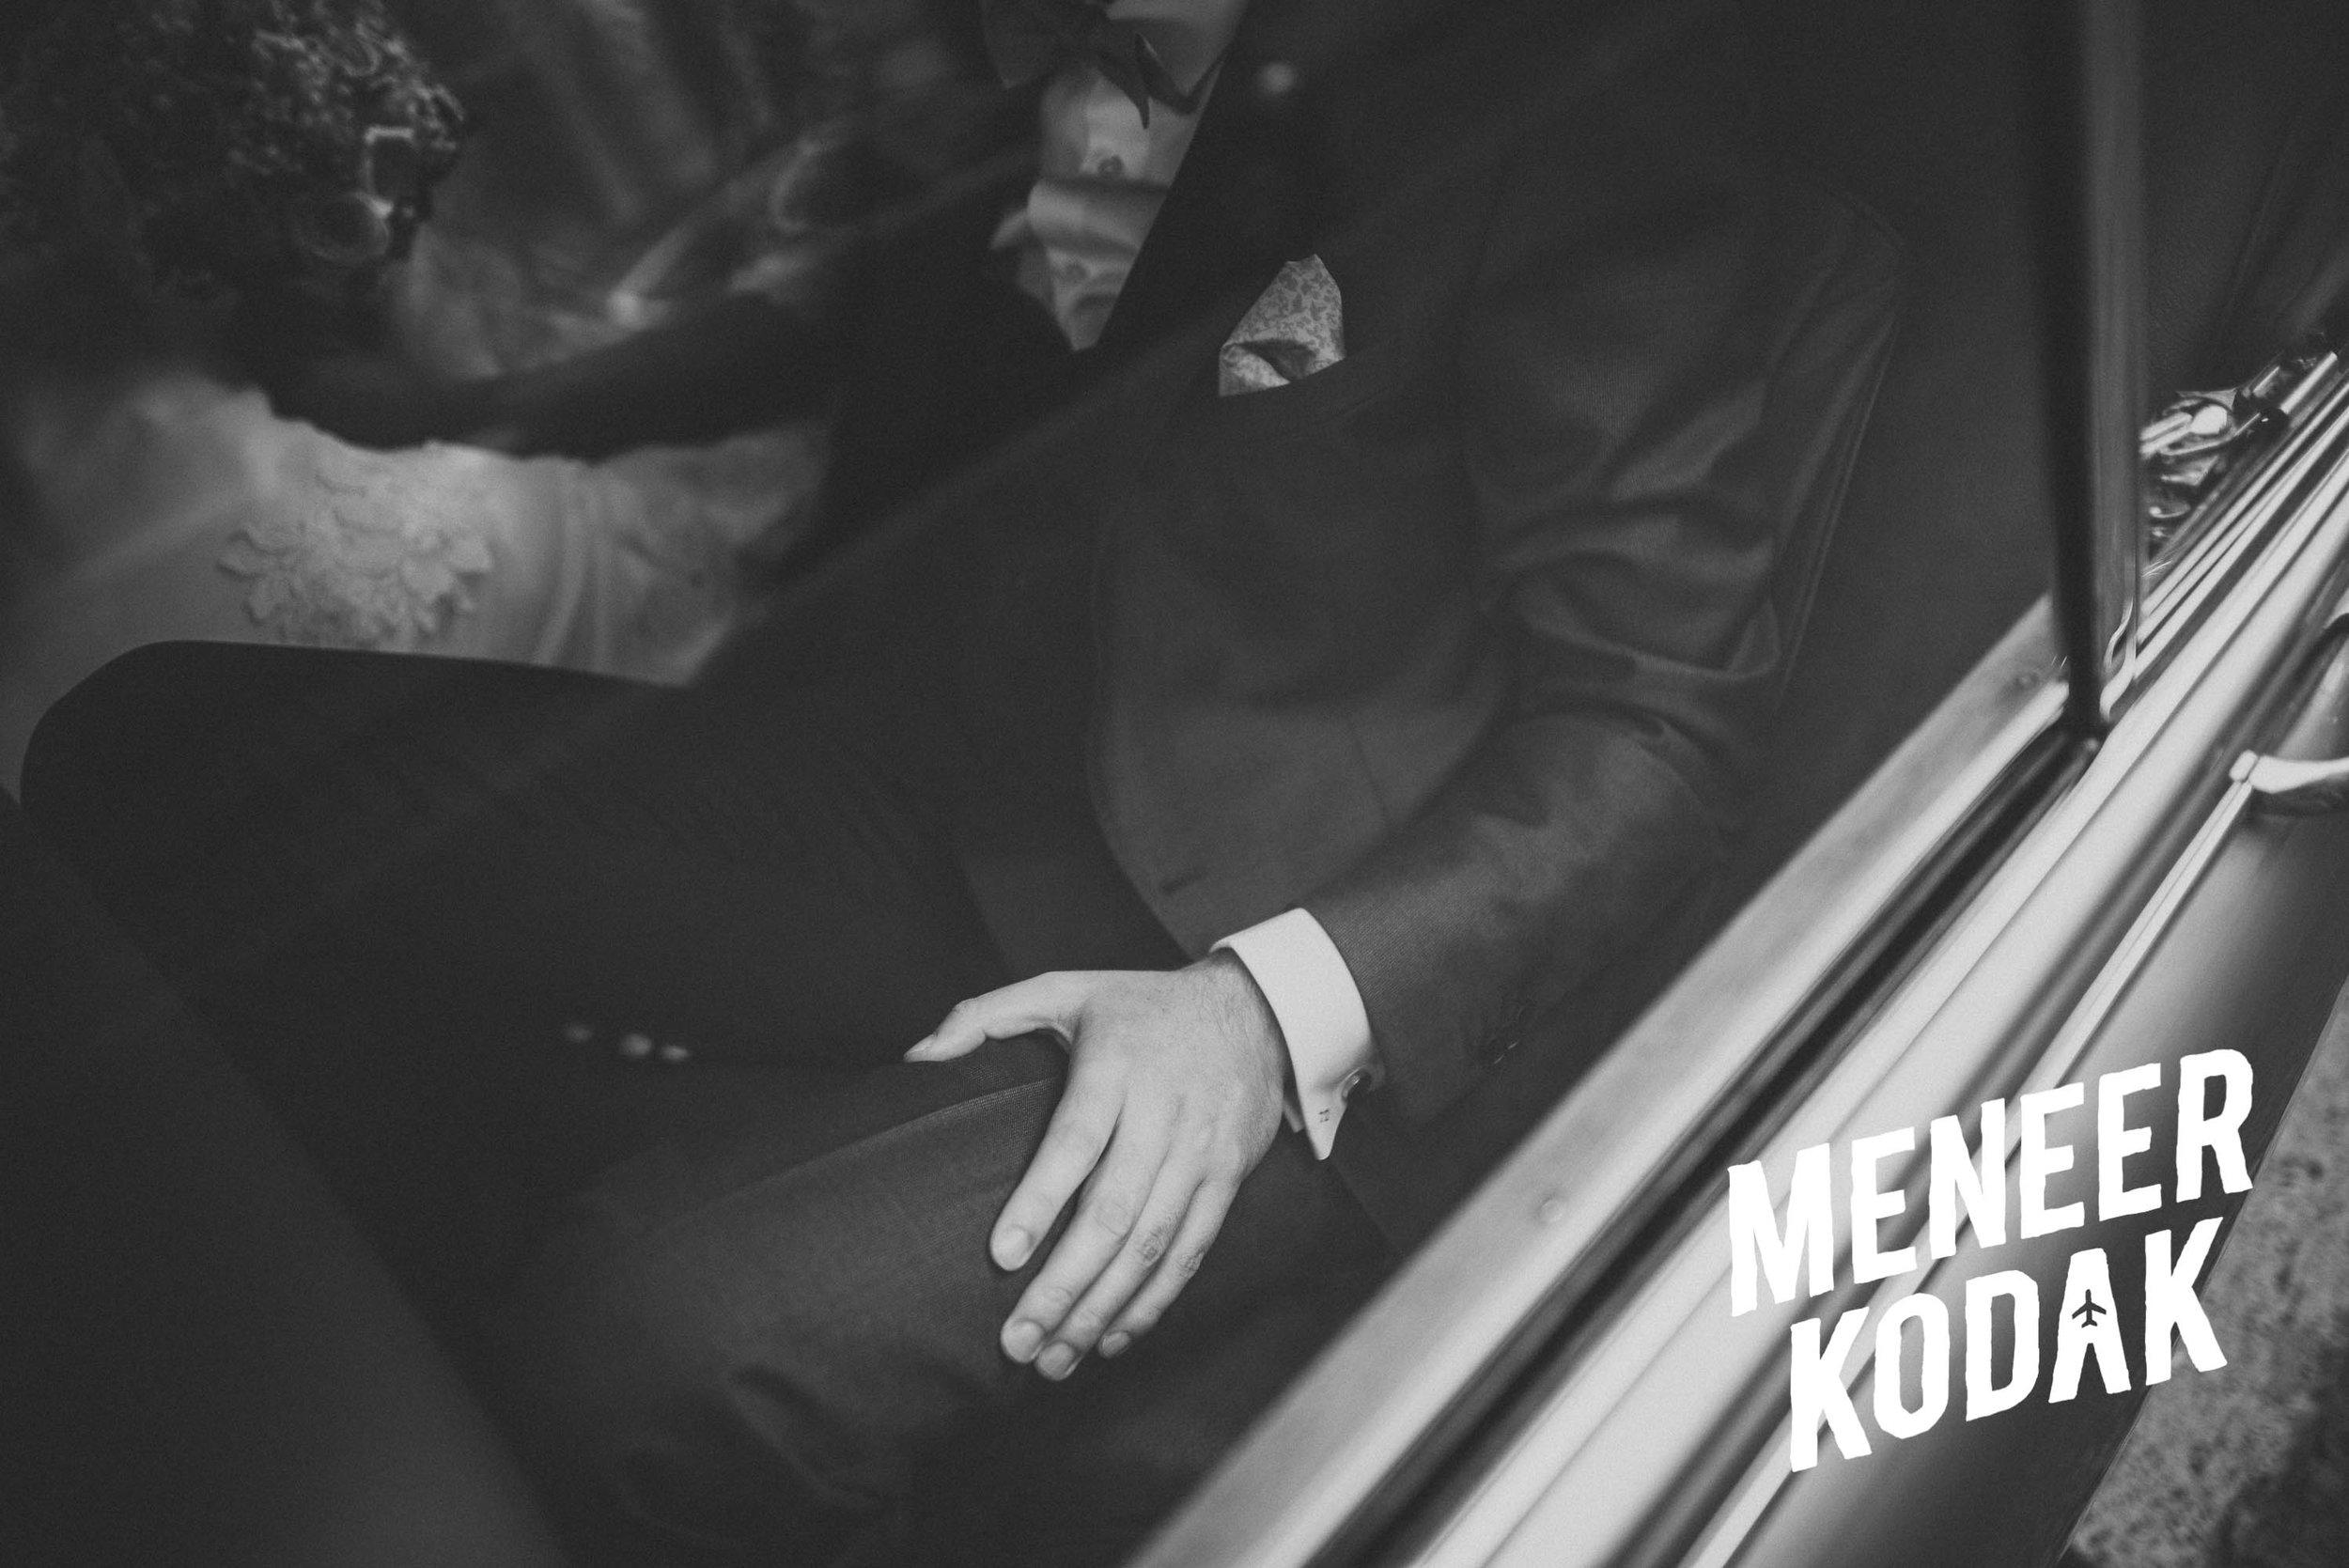 Meneer Kodak - Trouwfotograaf - Gent - D&T-019.jpg